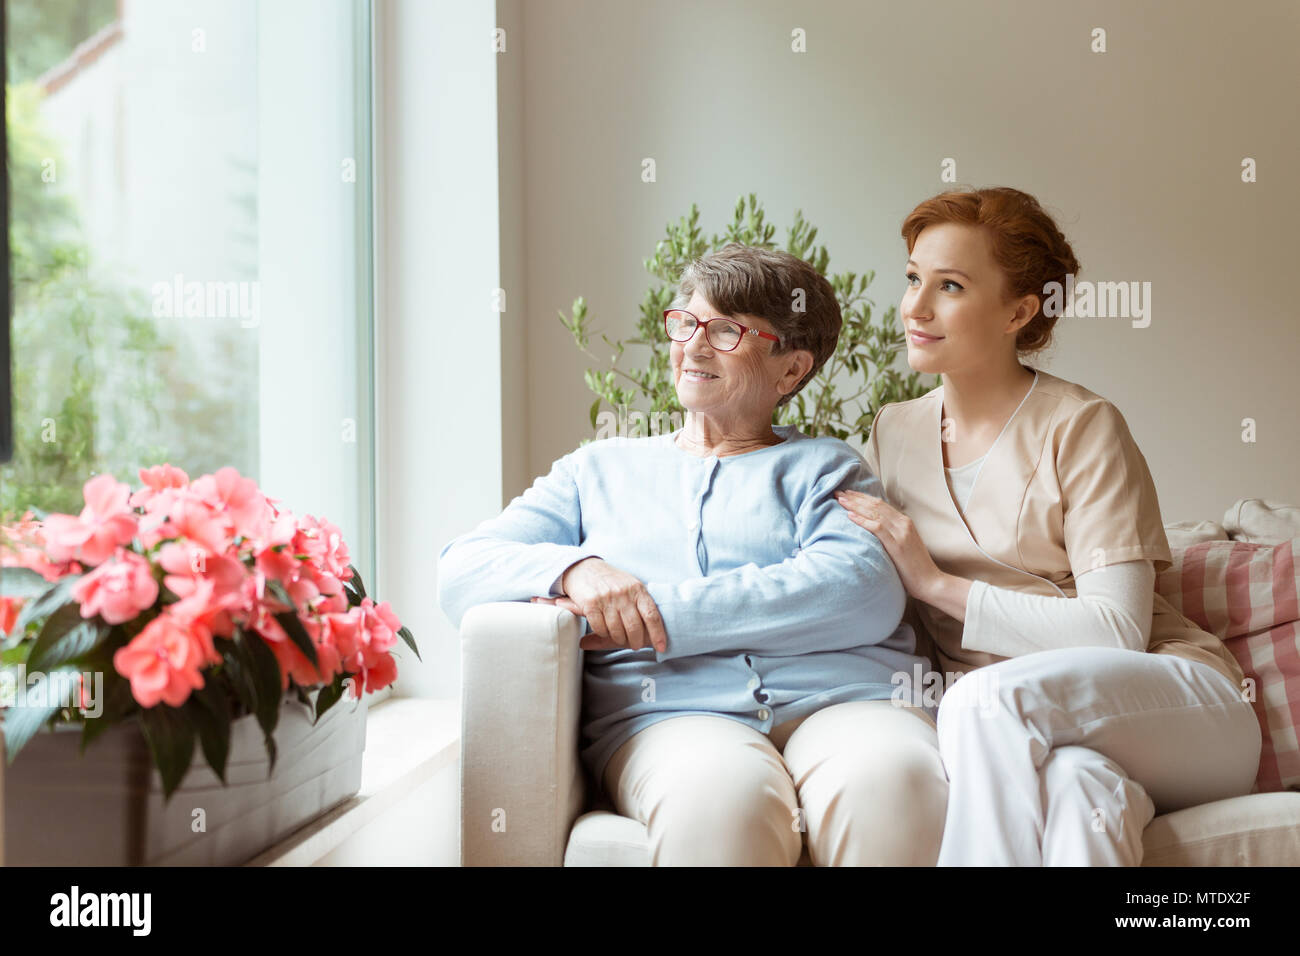 Geriatrische Frau und Ihre professionelle Hausmeister sitzen auf der Couch und schauen durch ein Fenster in einem Wohnzimmer. Blühende Blumen auf der Fensterbank. Stockbild